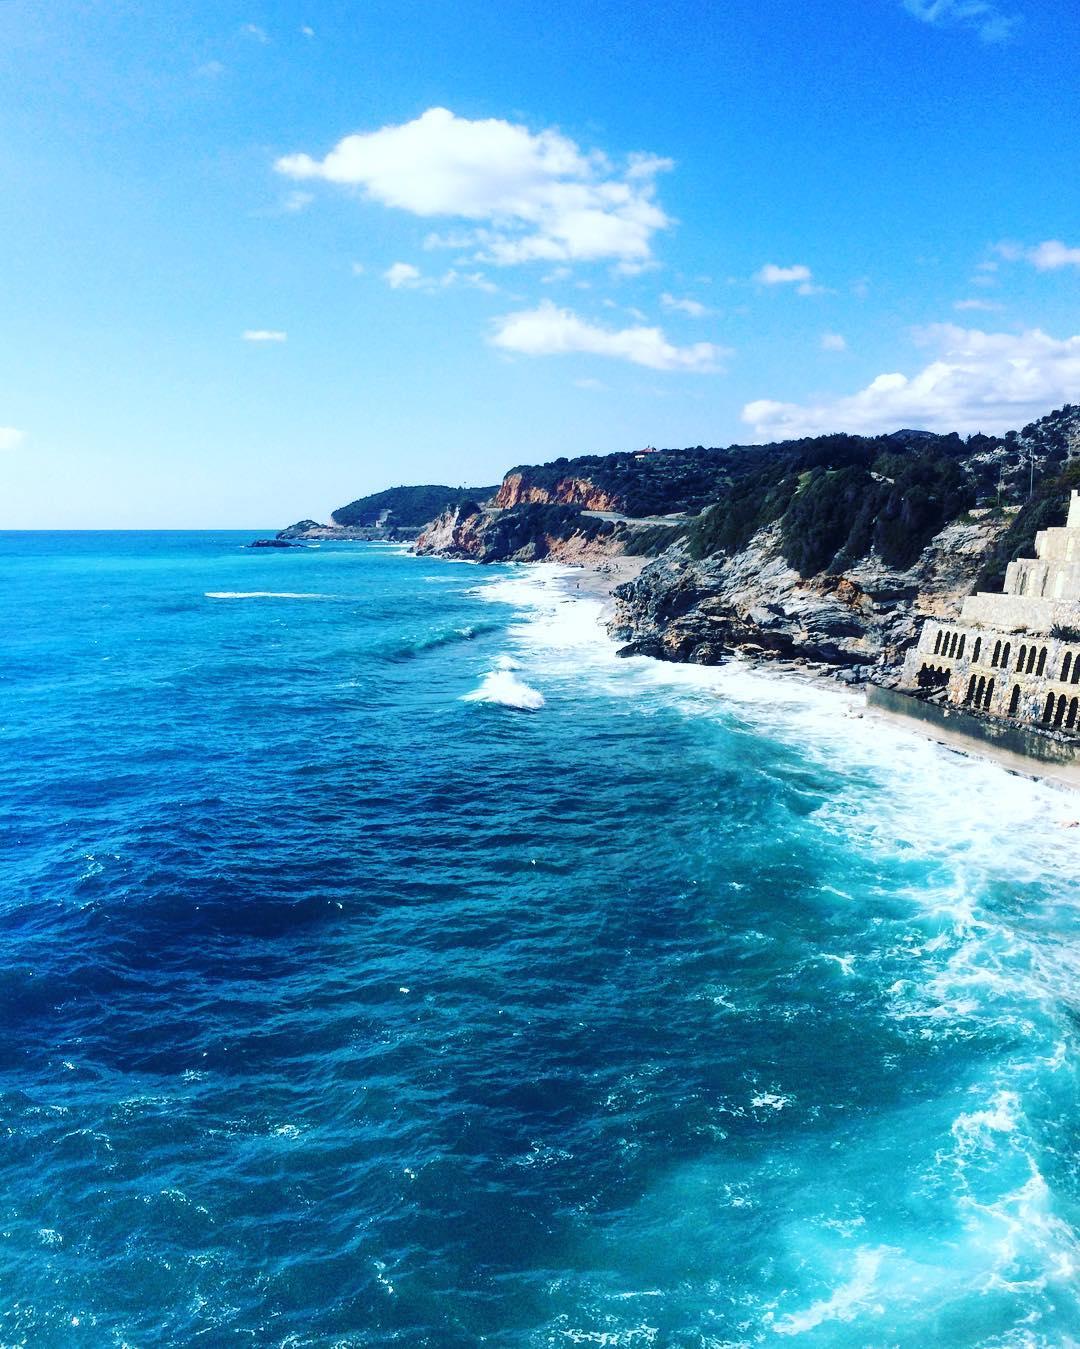 Antalyanın en iyi plajları ulaş plajı